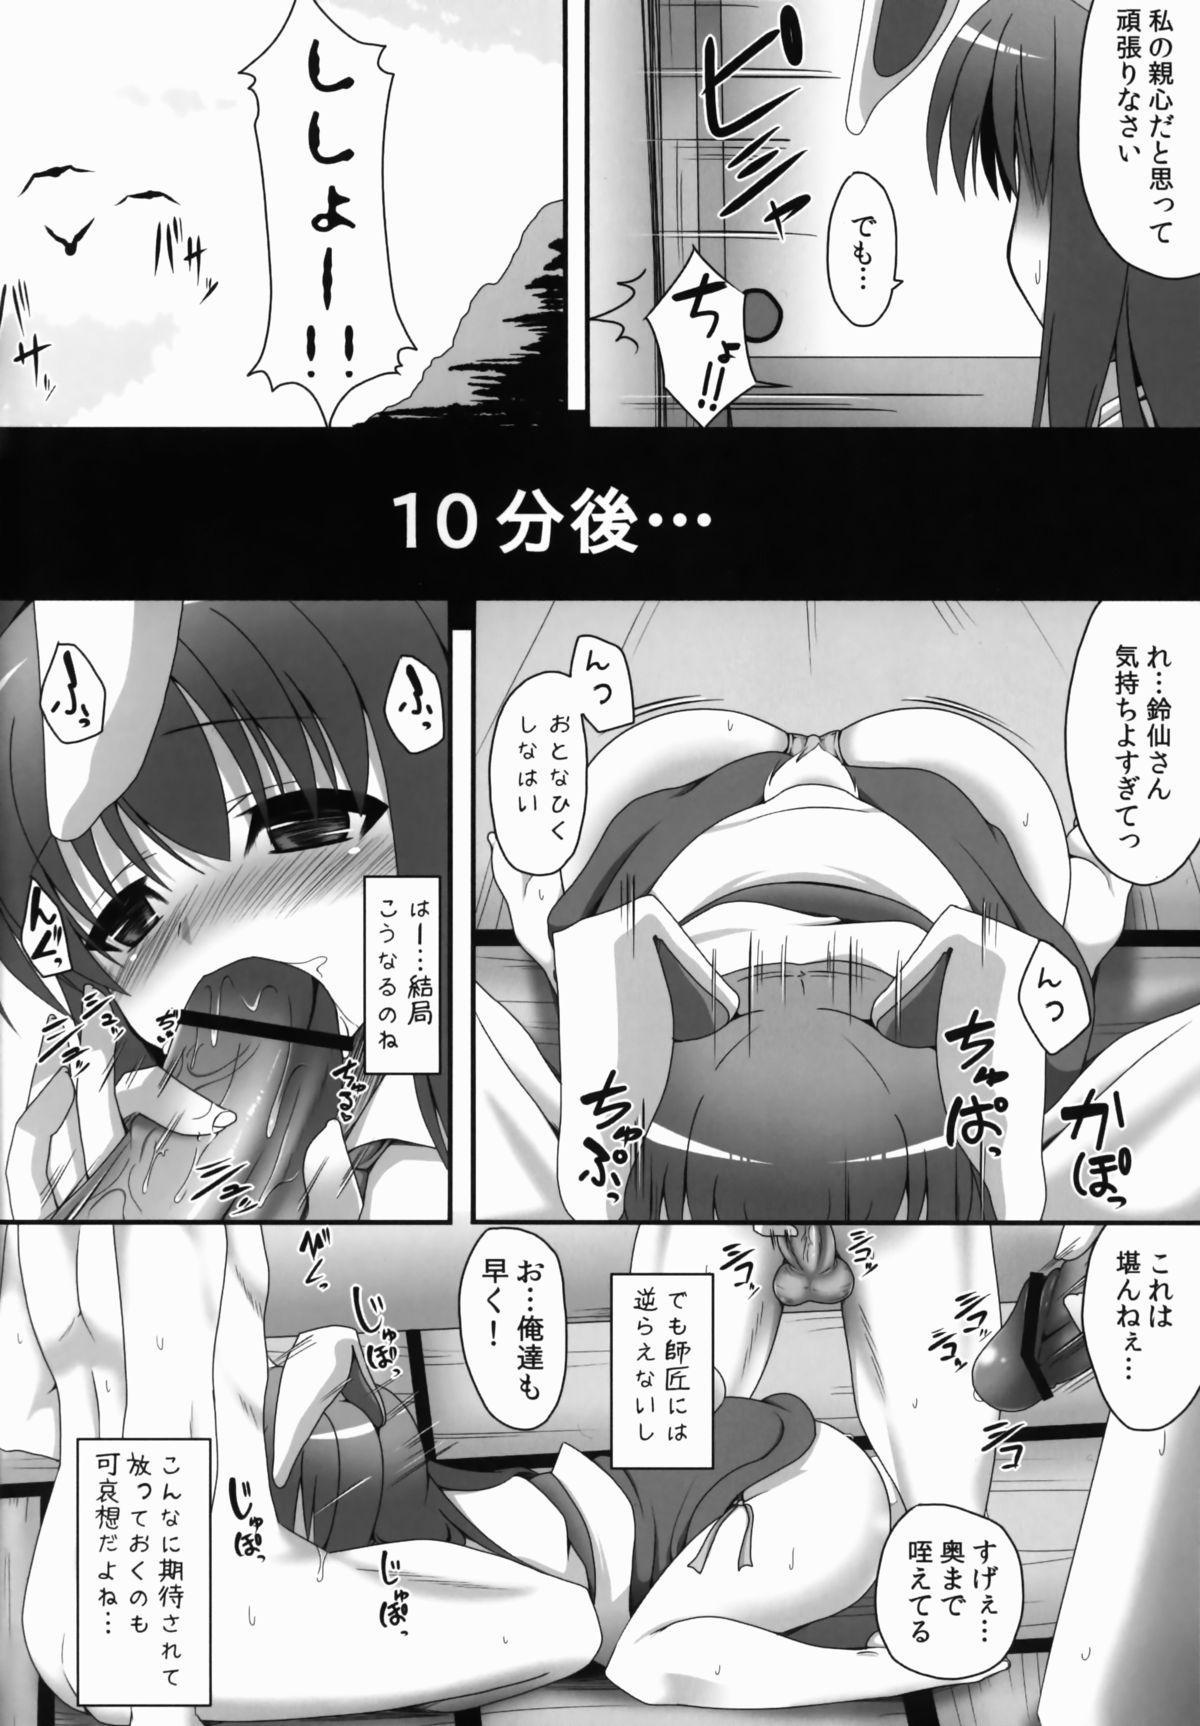 Udonge to Koishitai! 5